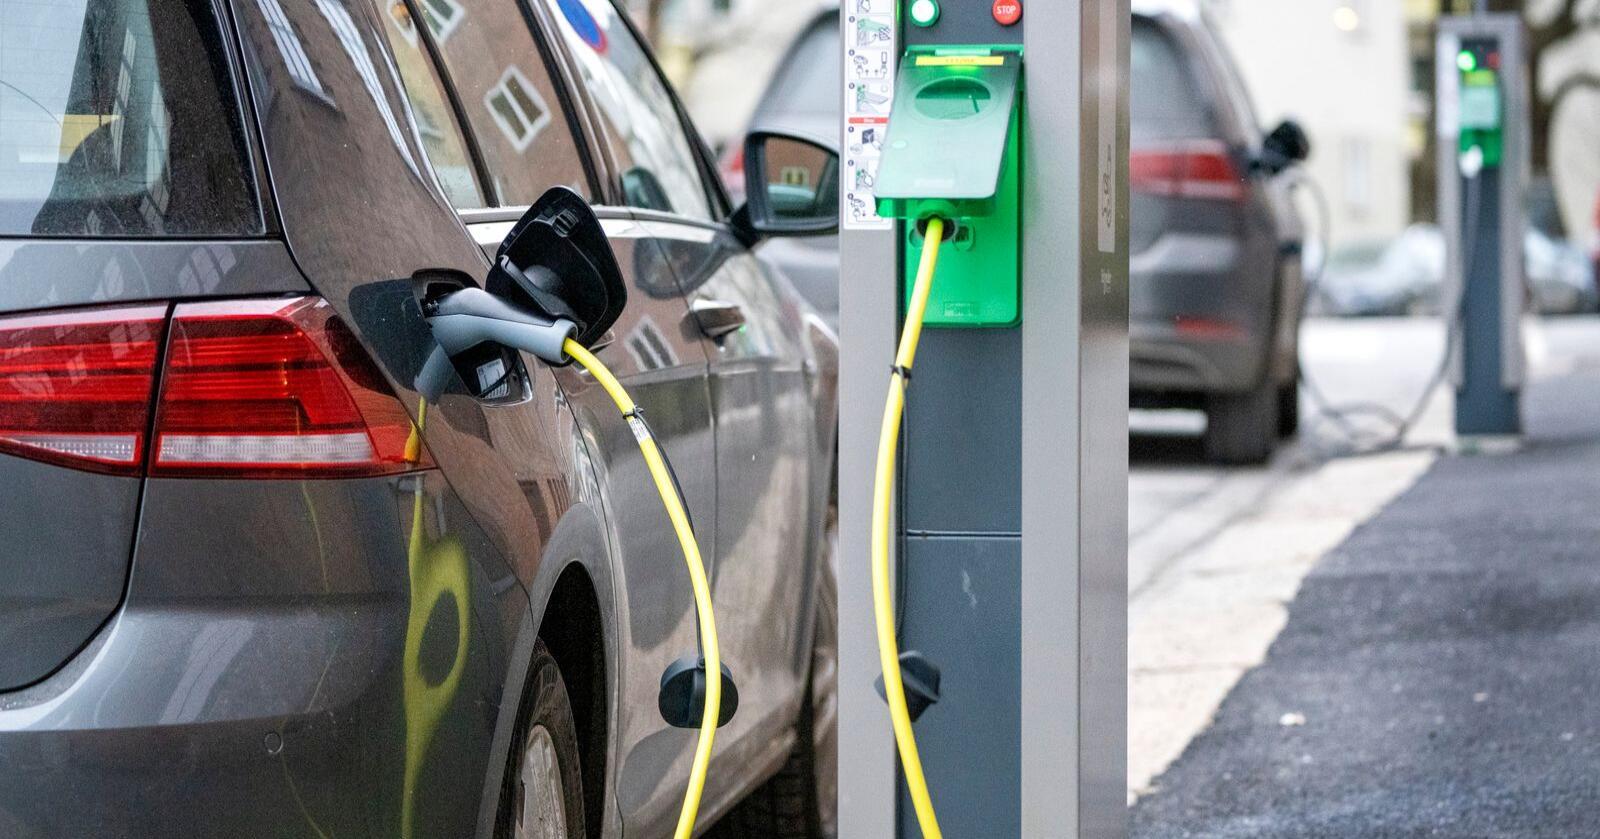 Andelen elbiler øker, men det er først og fremst i byer og bynære områder at elbilsalget har tatt av, viser kartlegging fra Teknisk Ukeblad. Foto: Gorm Kallestad / NTB